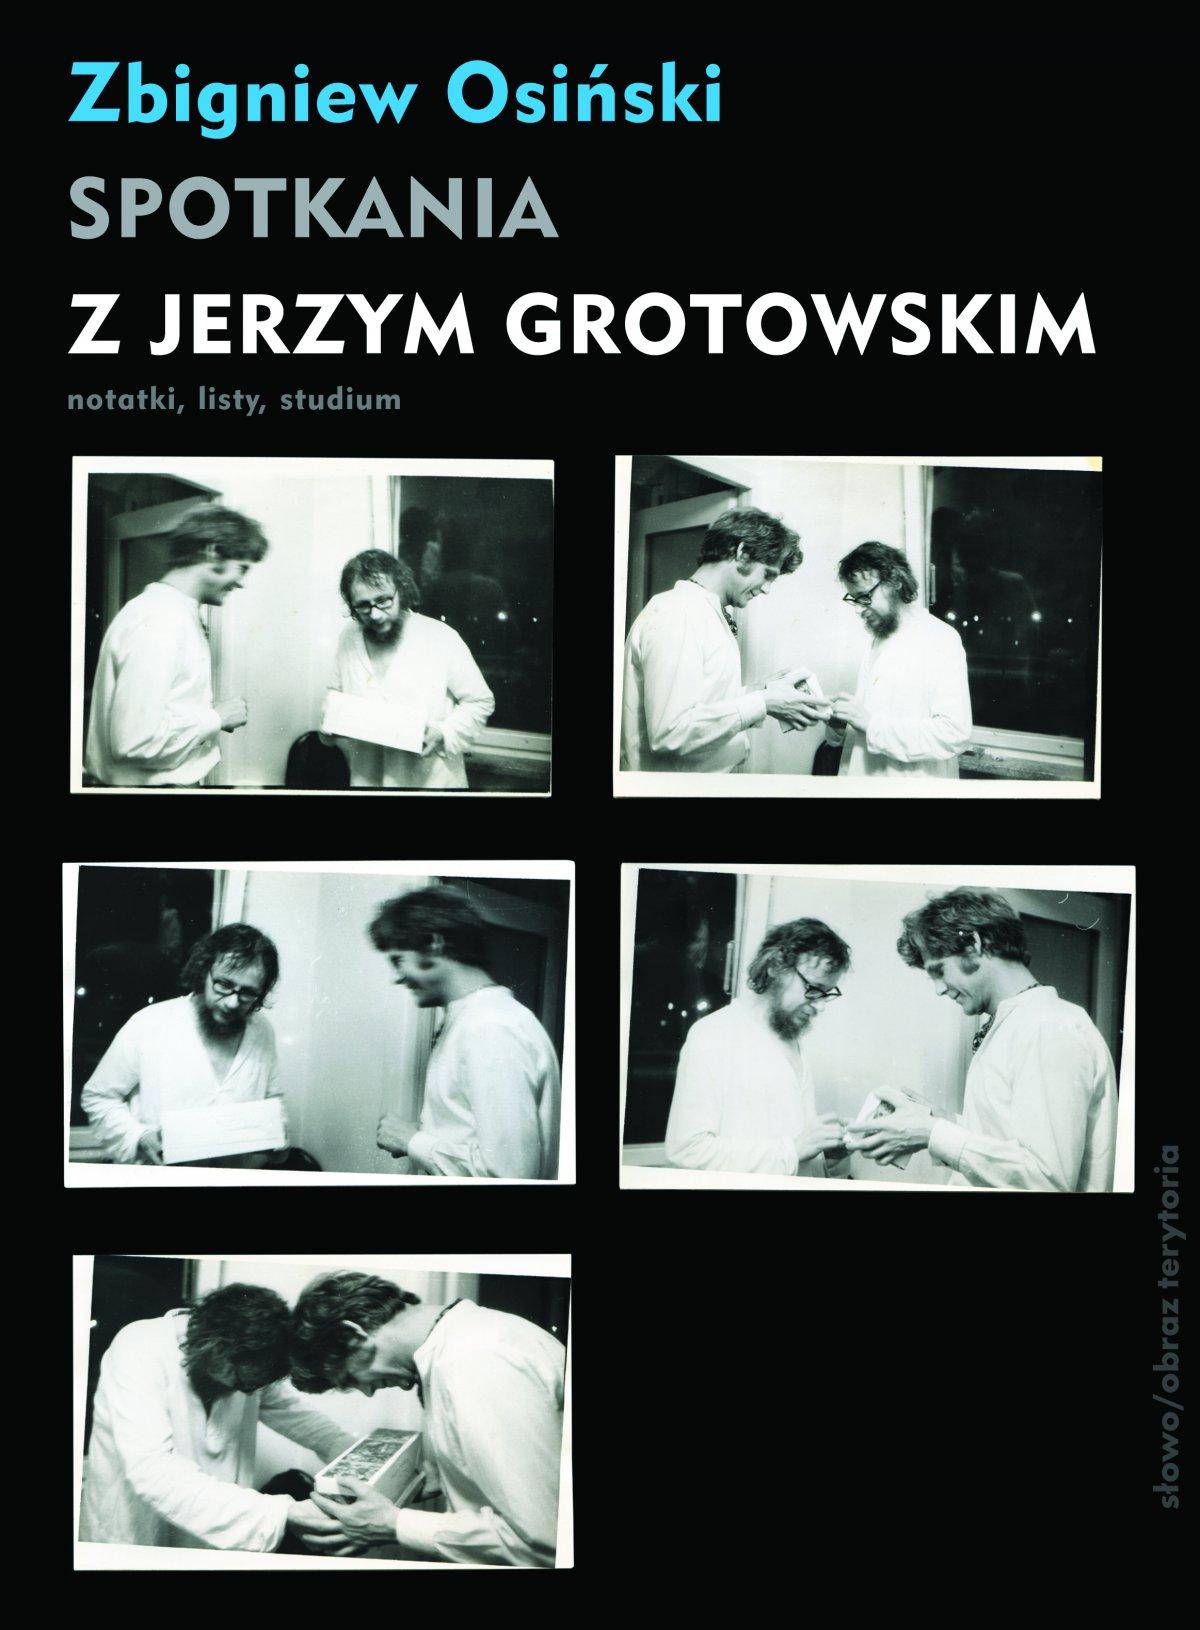 Spotkania z Jerzym Grotowskim. Notatki, listy, studium - Ebook (Książka EPUB) do pobrania w formacie EPUB